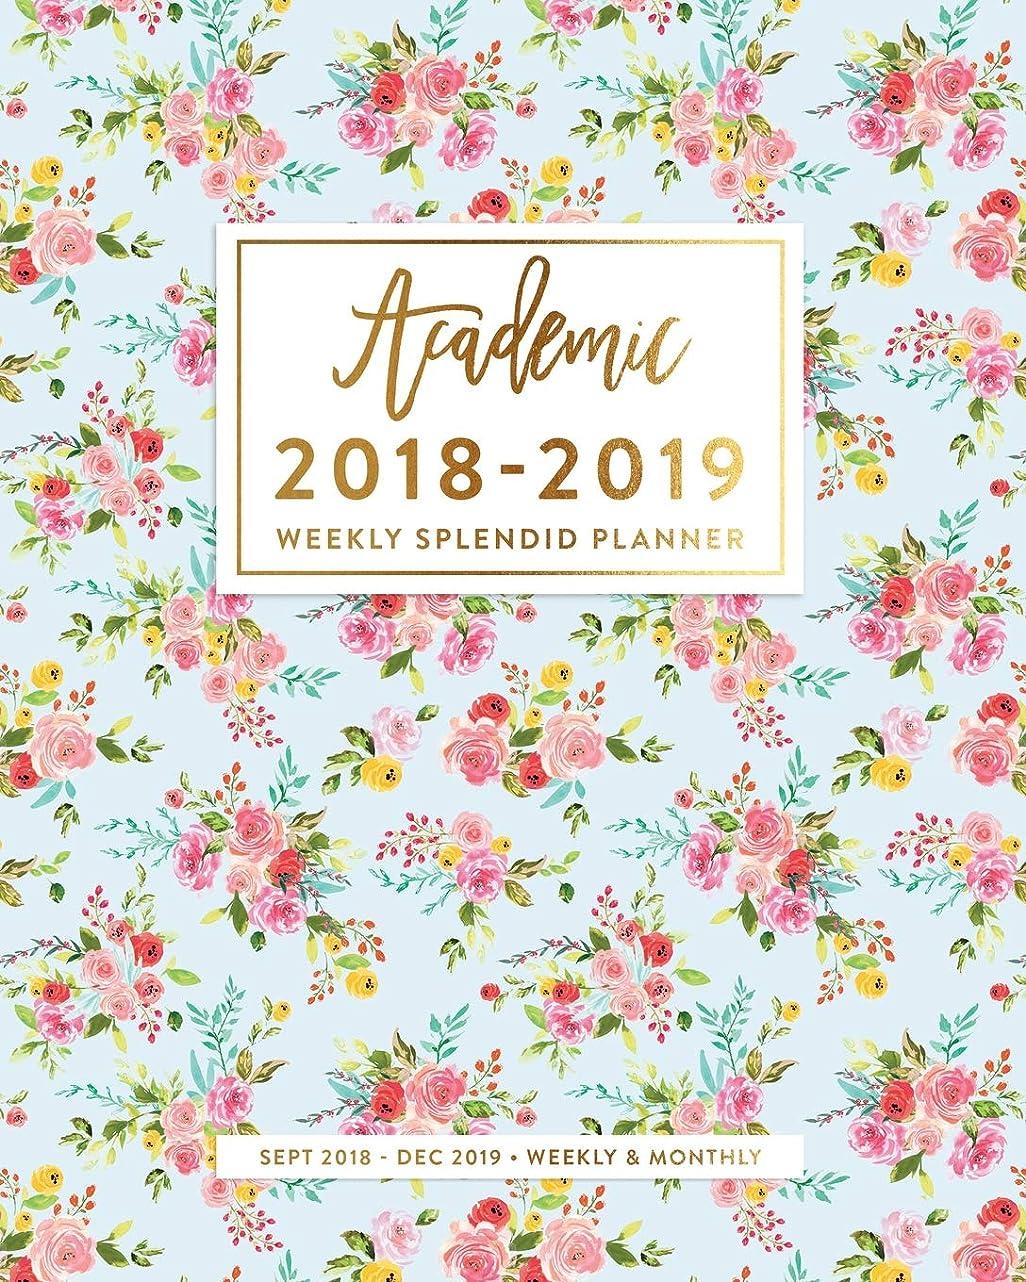 失礼静かな荷物Academic 2018-2019 Weekly Splendid Planner: Ditsy Blue Floral Calendar Book, September 2018 - December 2019